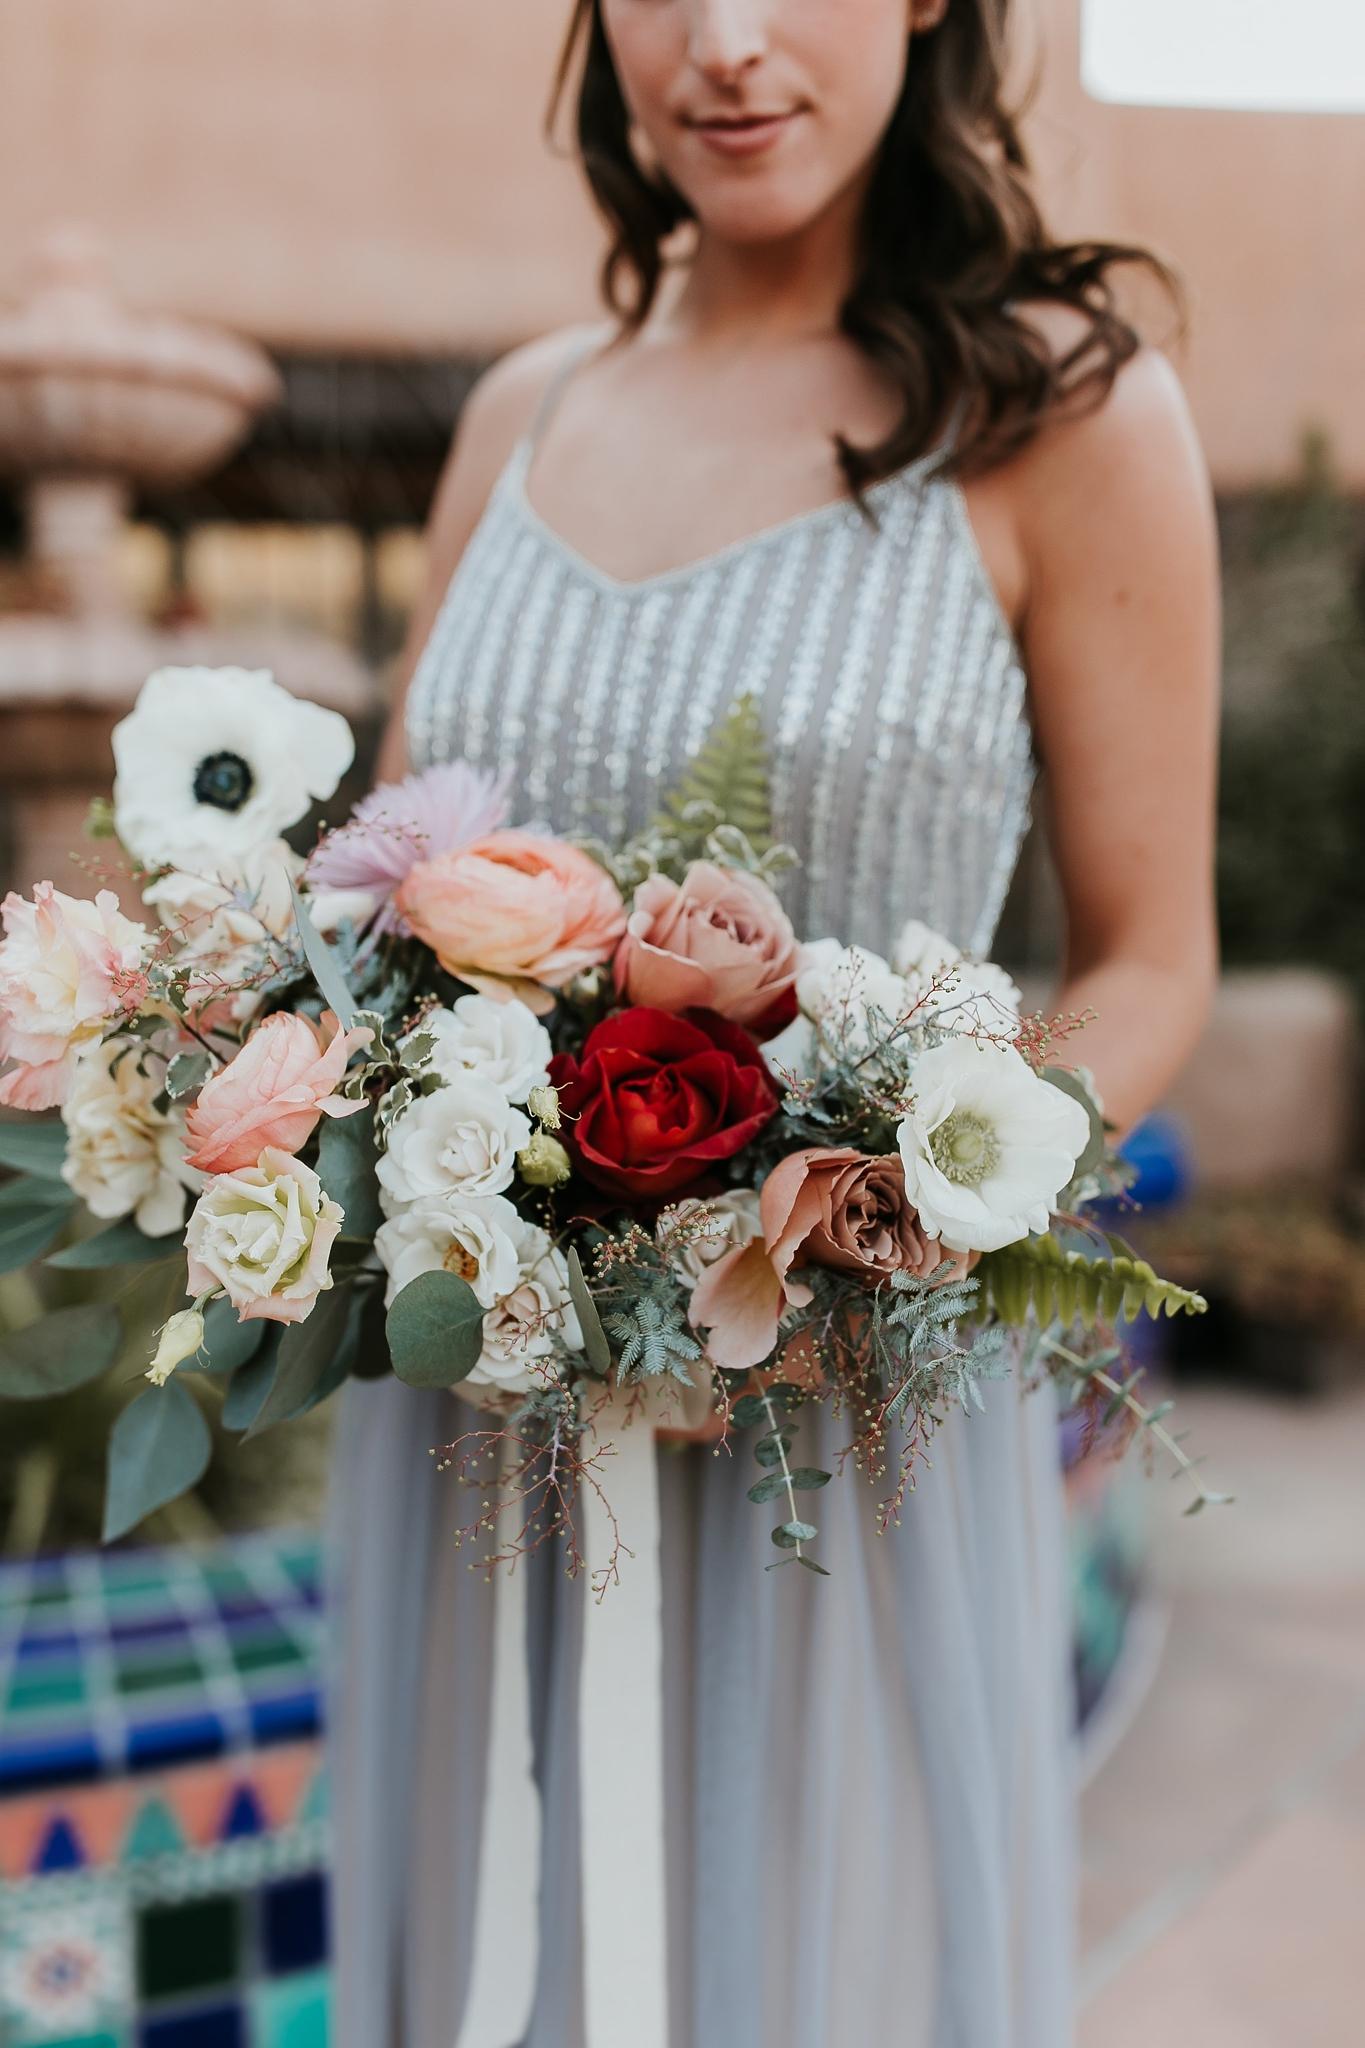 Alicia+lucia+photography+-+albuquerque+wedding+photographer+-+santa+fe+wedding+photography+-+new+mexico+wedding+photographer+-+new+mexico+florist+-+wedding+florist+-+renegade+floral_0063.jpg